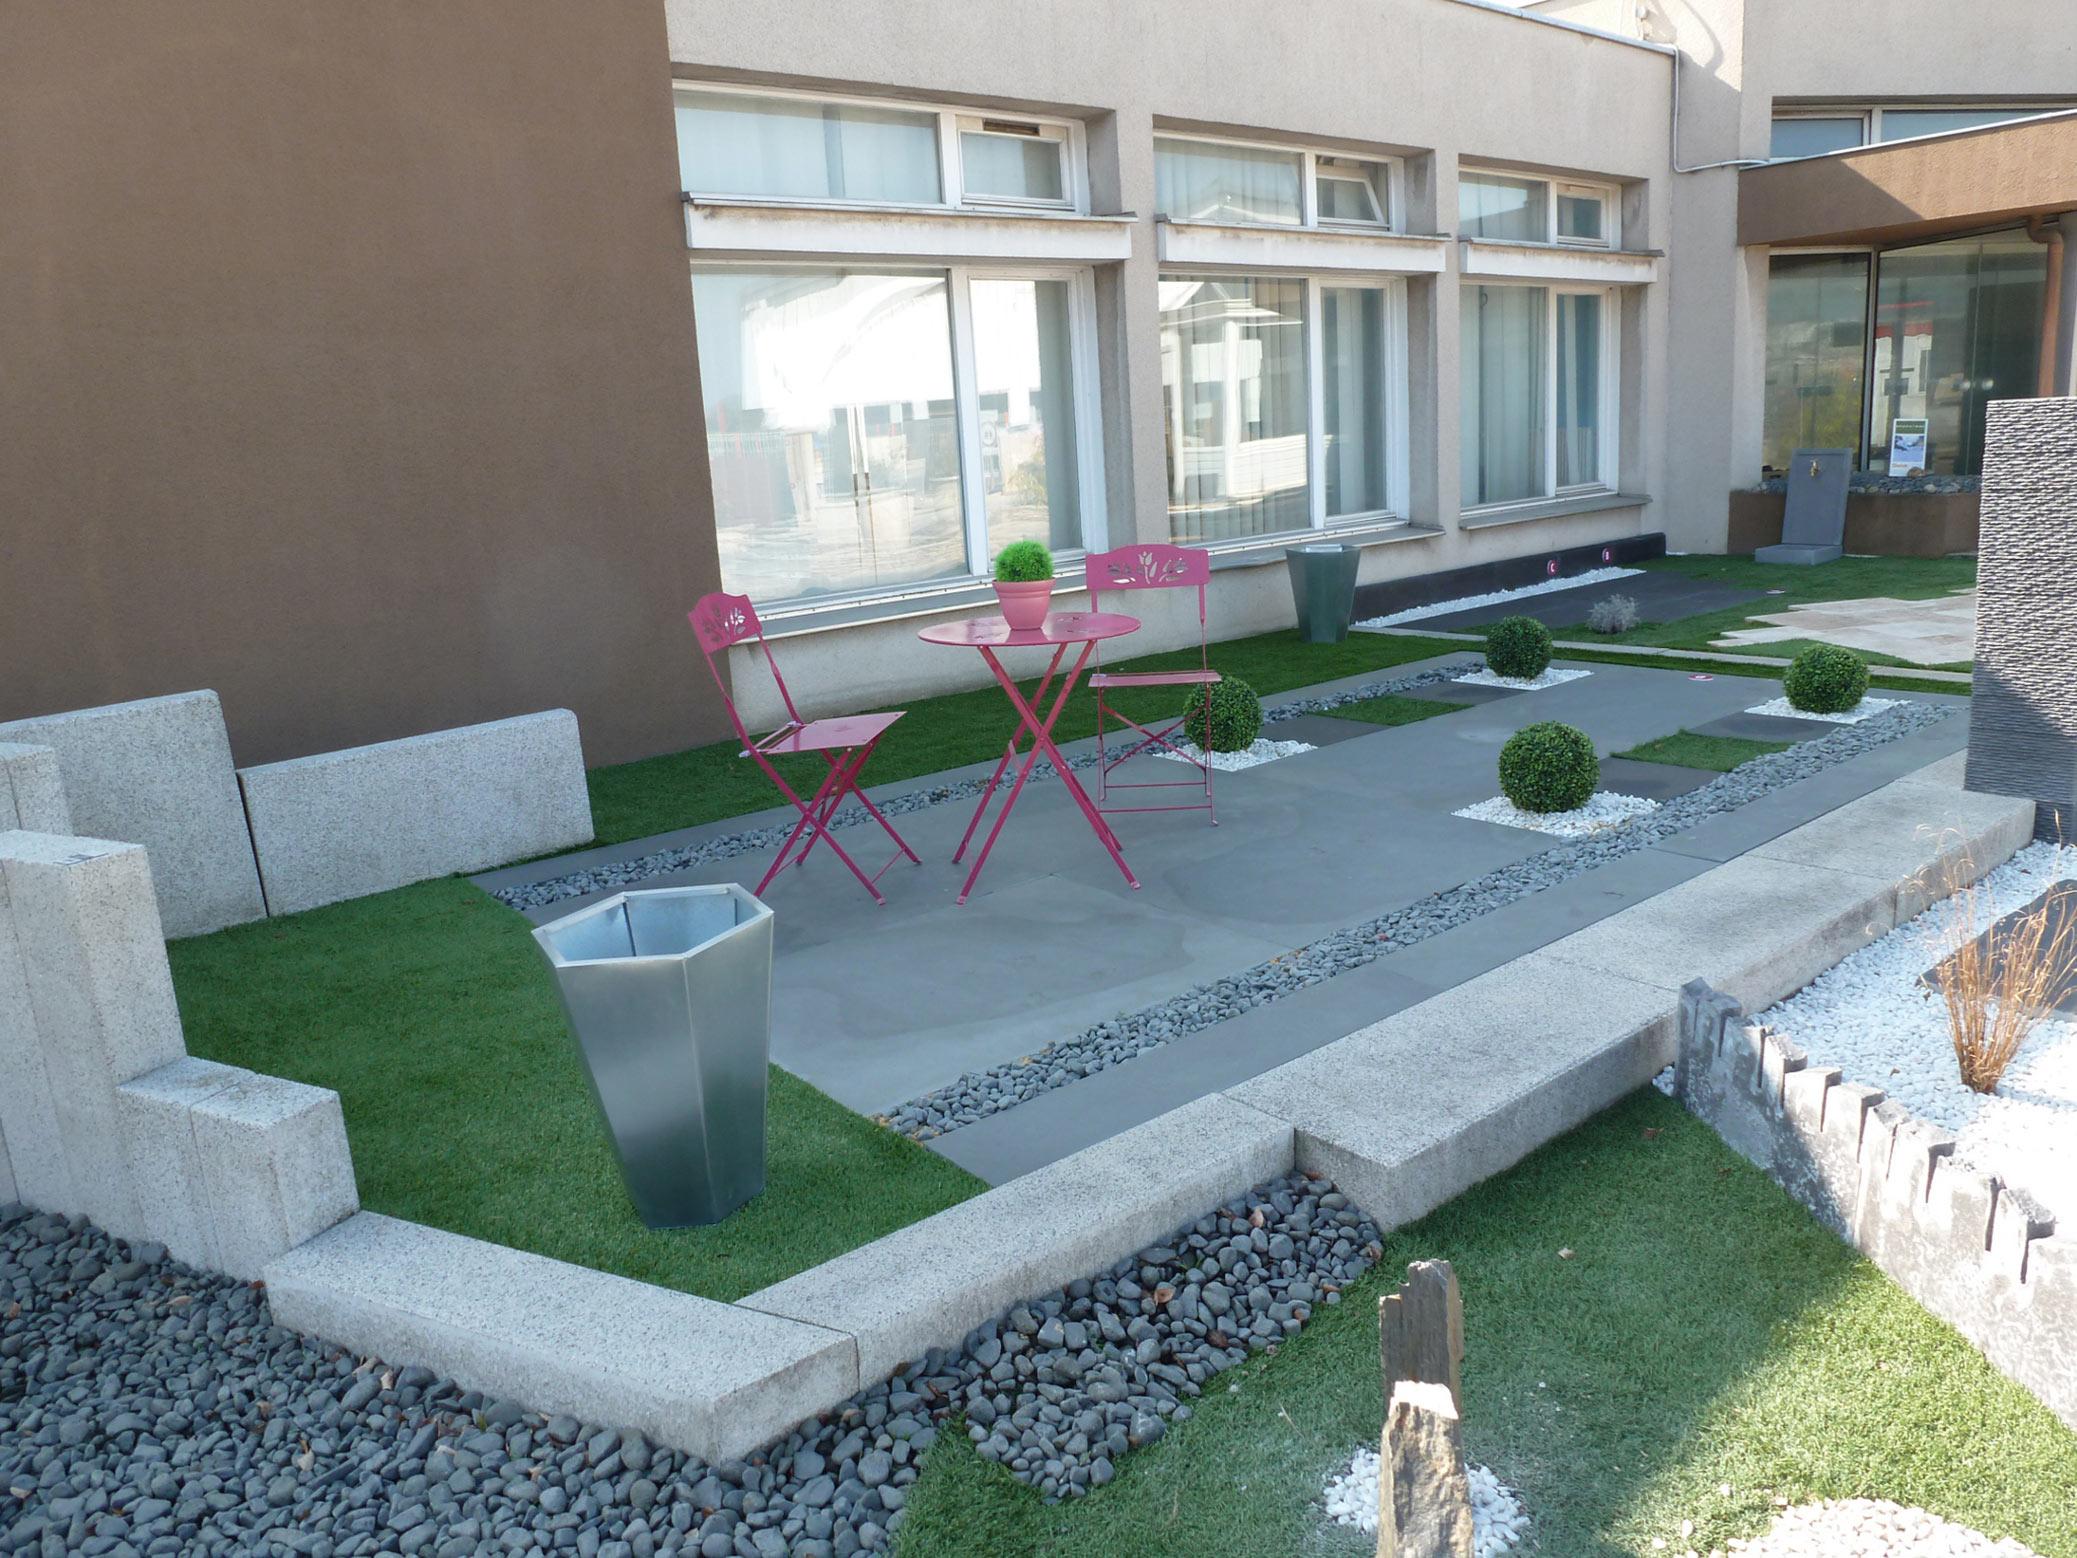 Aménagement De Terrasses Et Jardins, Création - Kalistâ, Le ... encequiconcerne Amenagement De Terrasse Exterieure